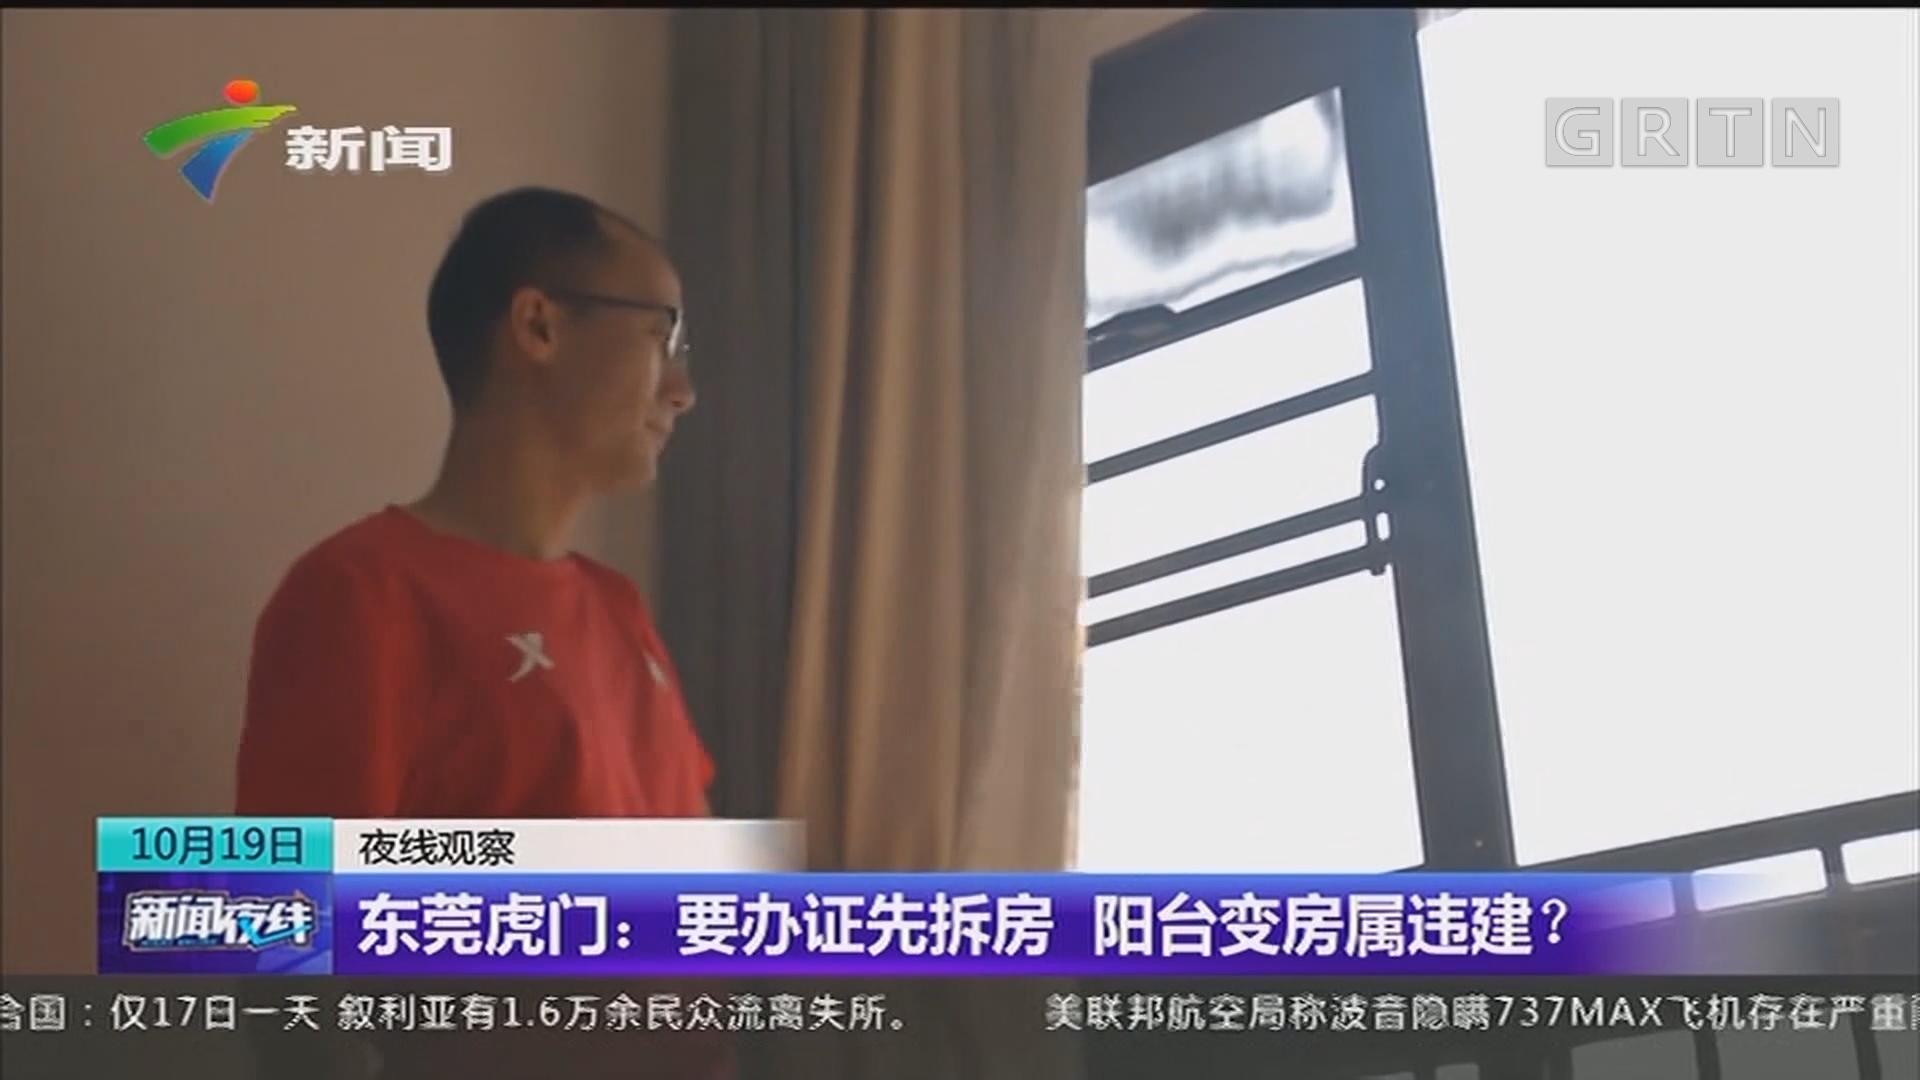 东莞虎门:要办证先拆房 阳台变房属违建?